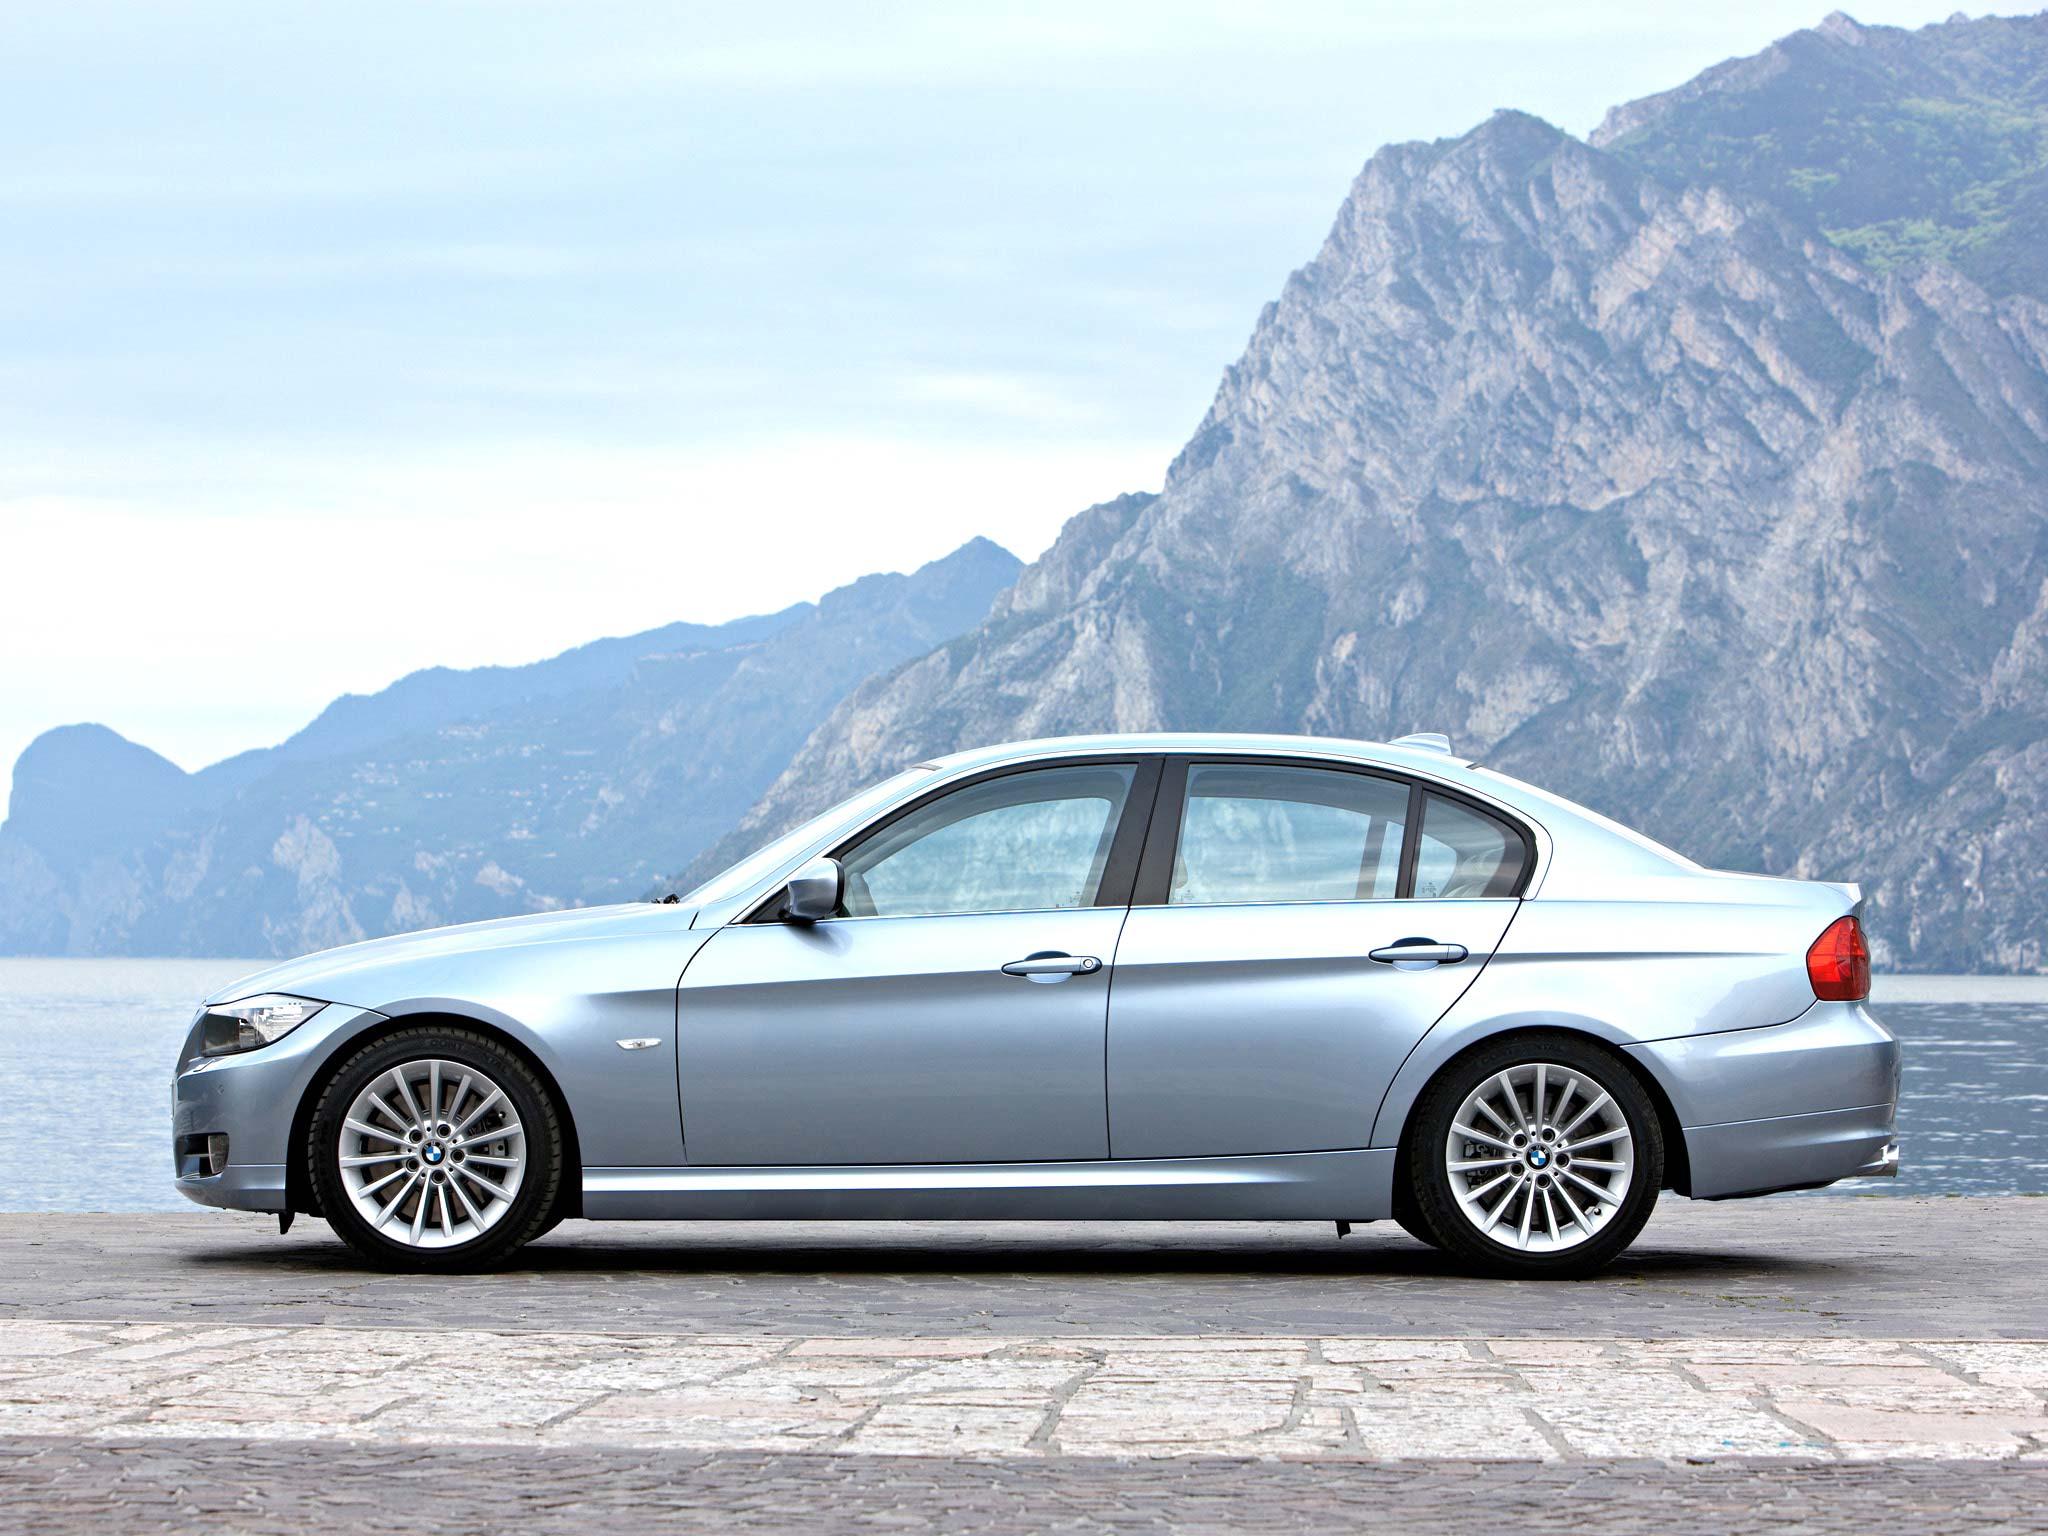 BMW 3 Series Любителям полноприводных трёшек BMW предлагает